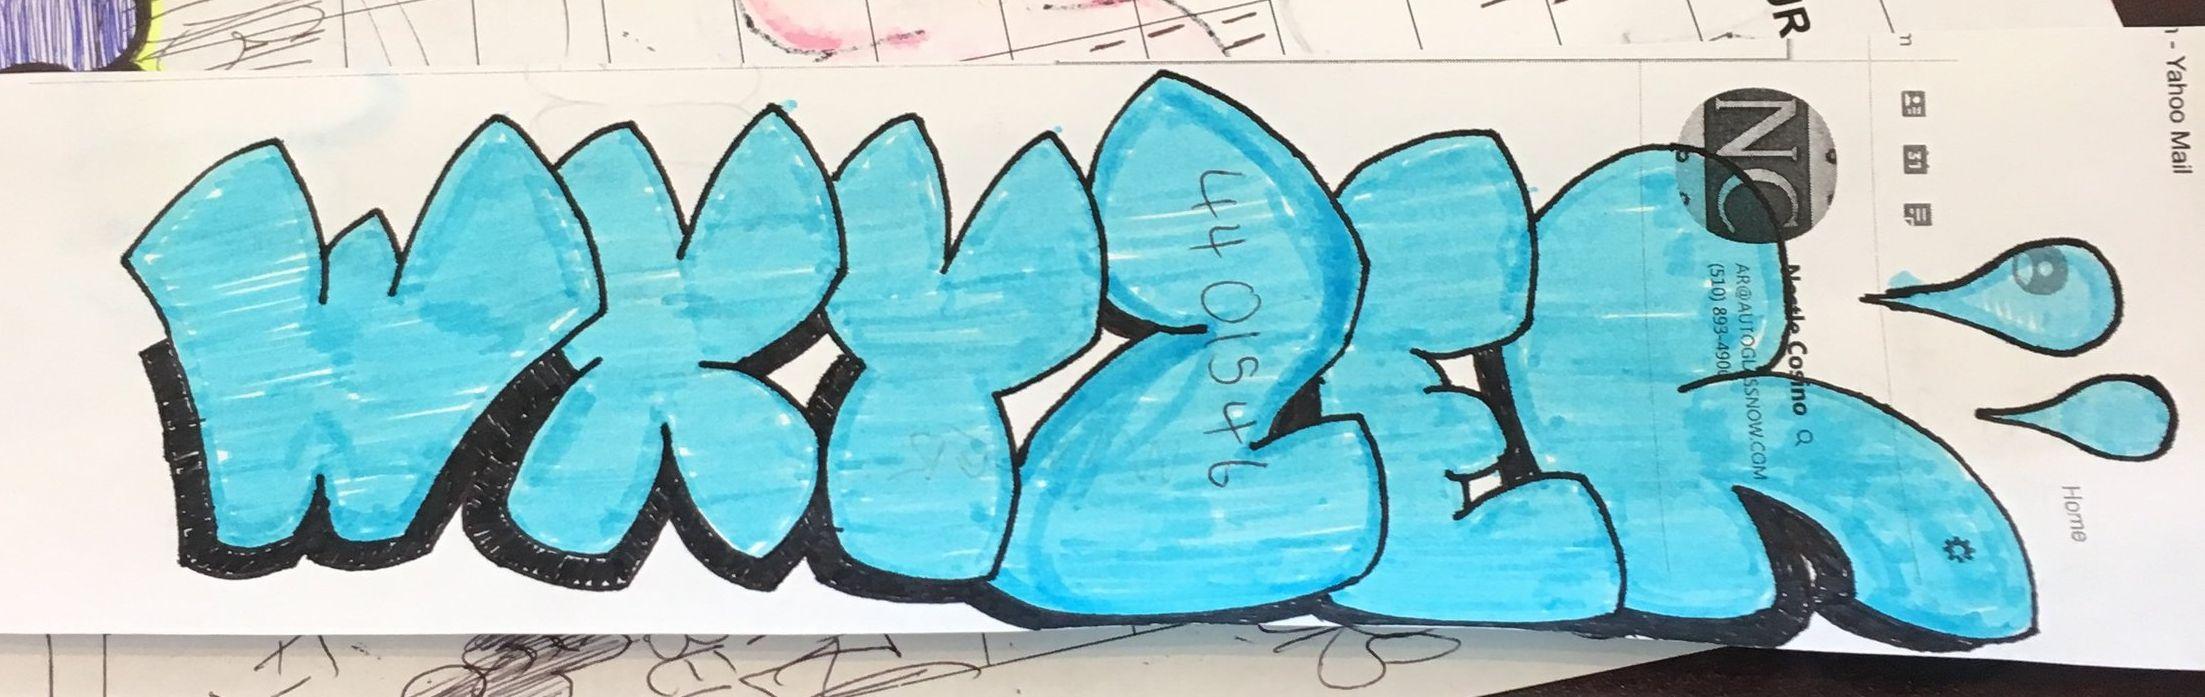 05_mopbucket.jpg